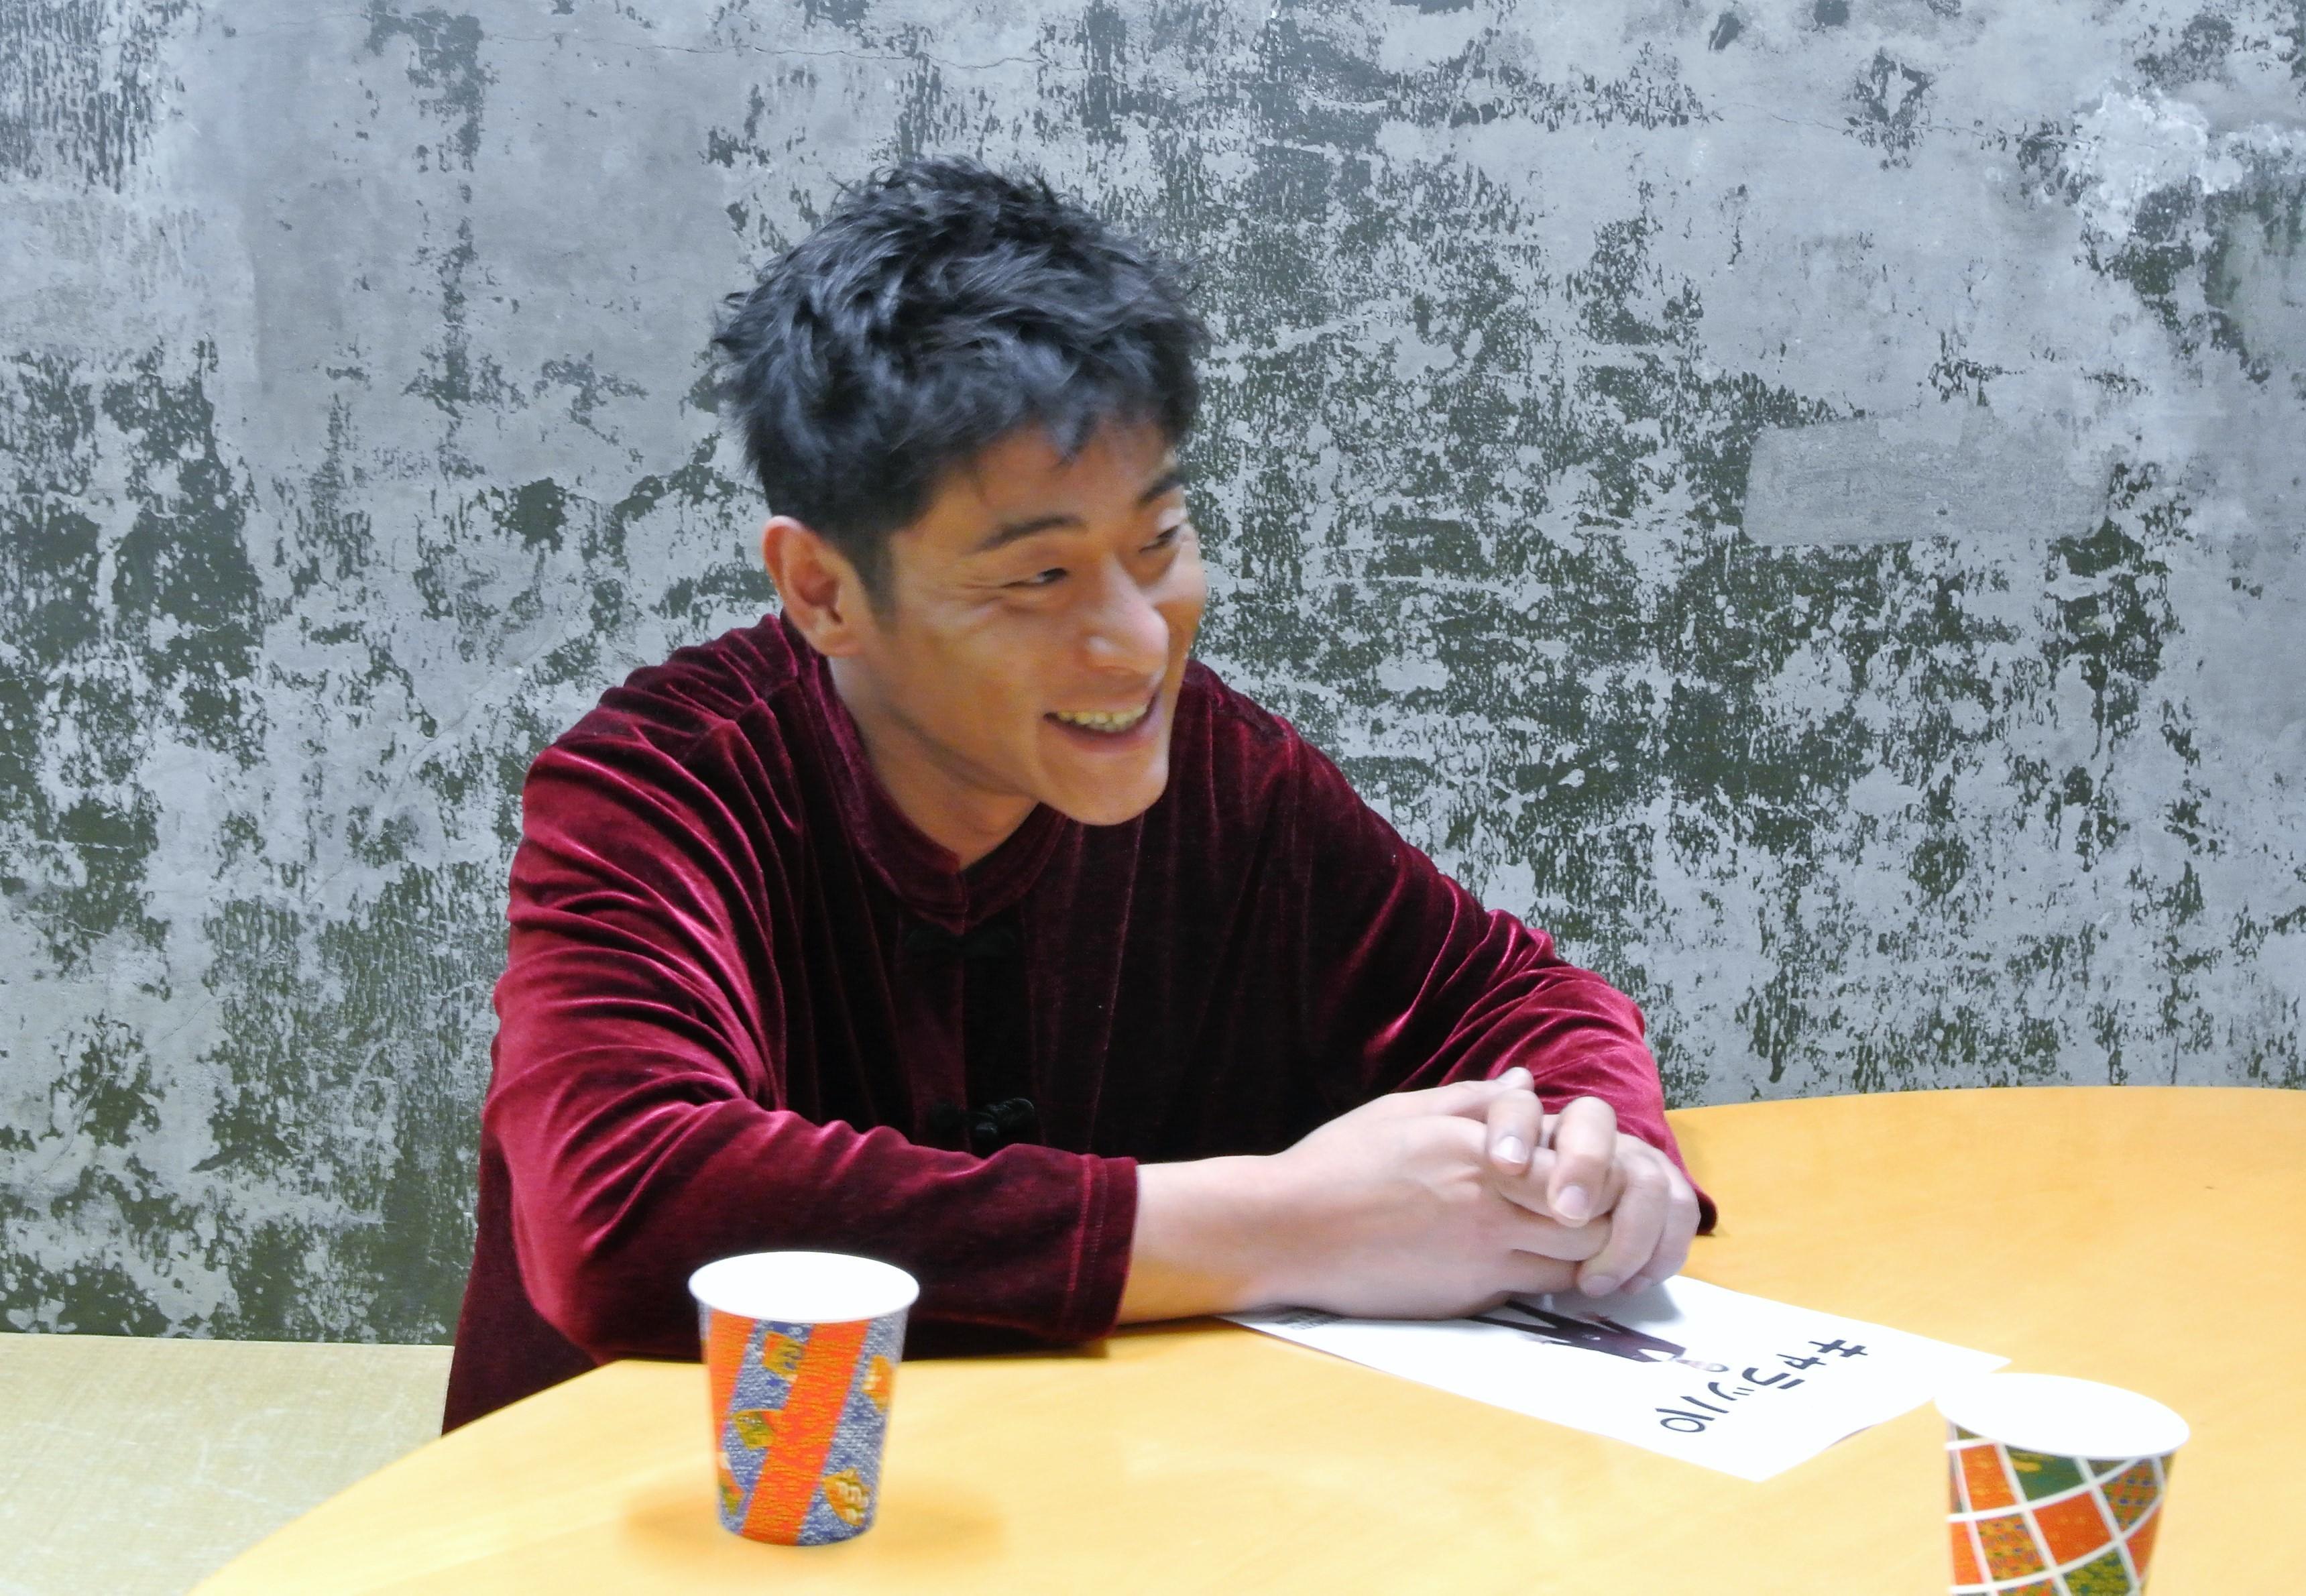 http://news.yoshimoto.co.jp/20171124174920-ed95d5c9e3c43028586b4317ad5c68797cdd99cb.jpg